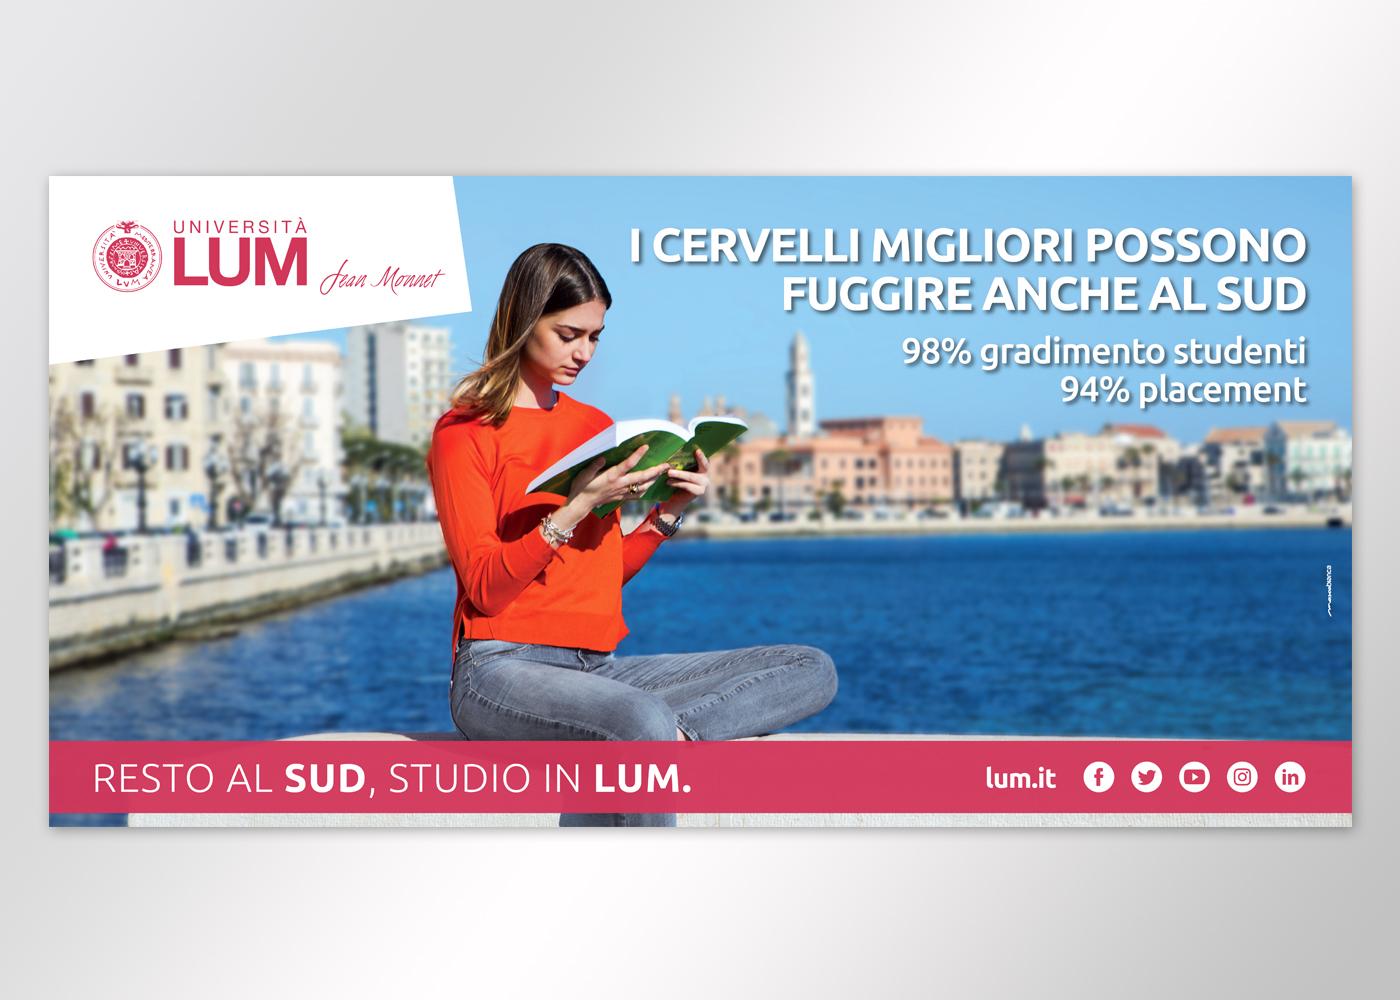 Lum pubblicità università